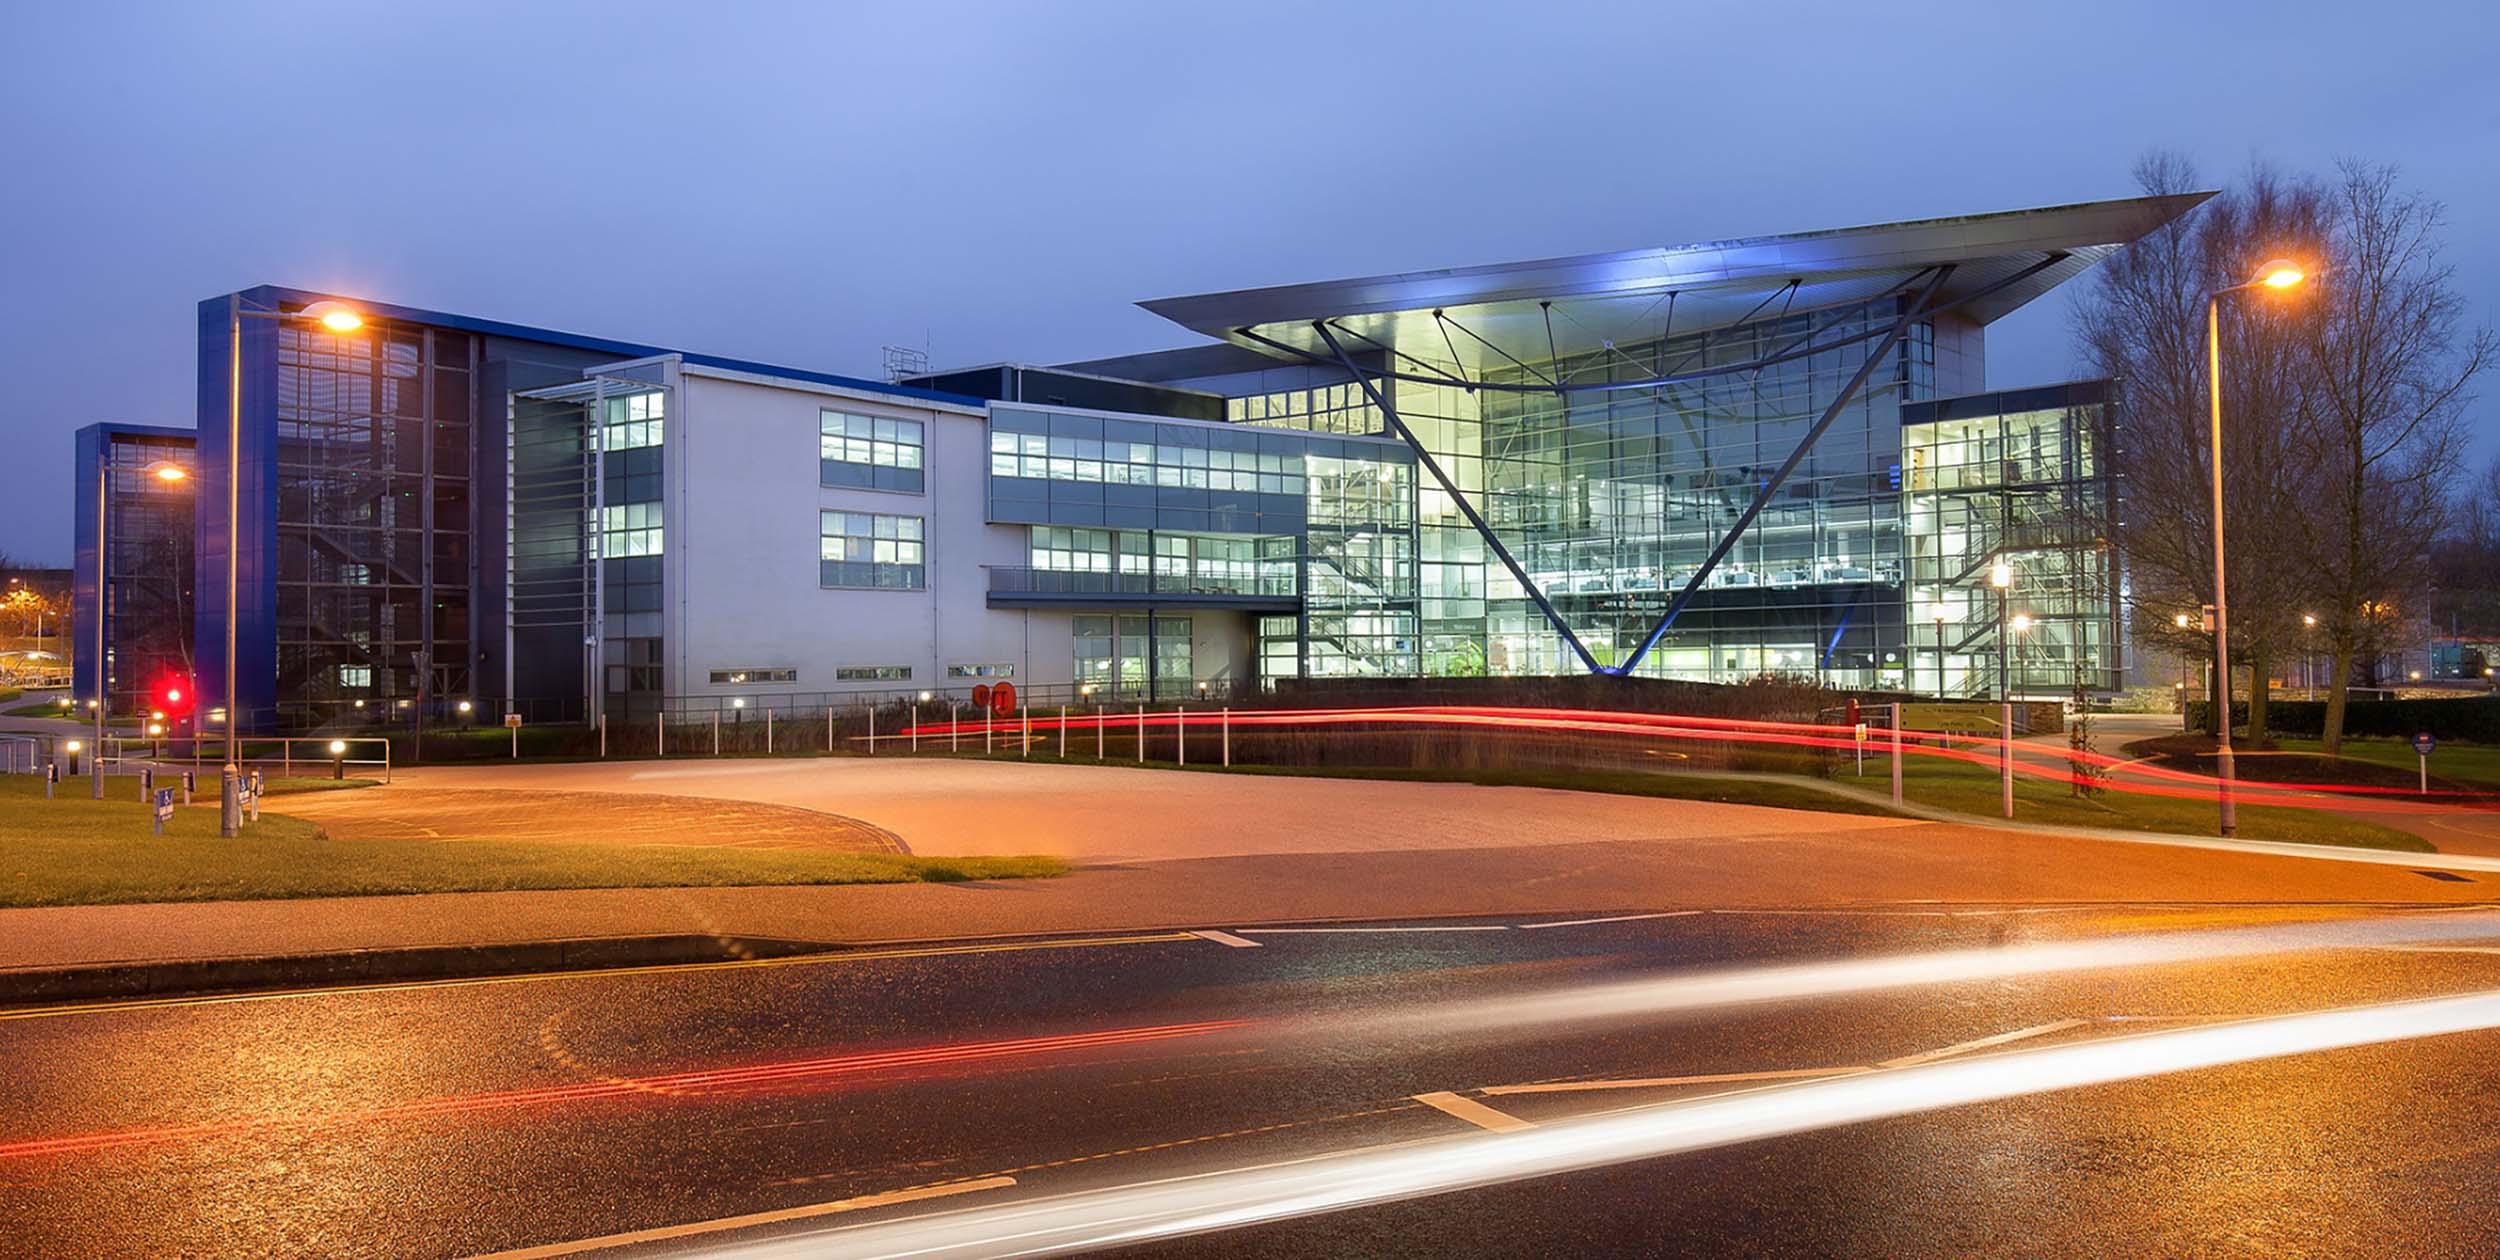 The Met Office in the UK